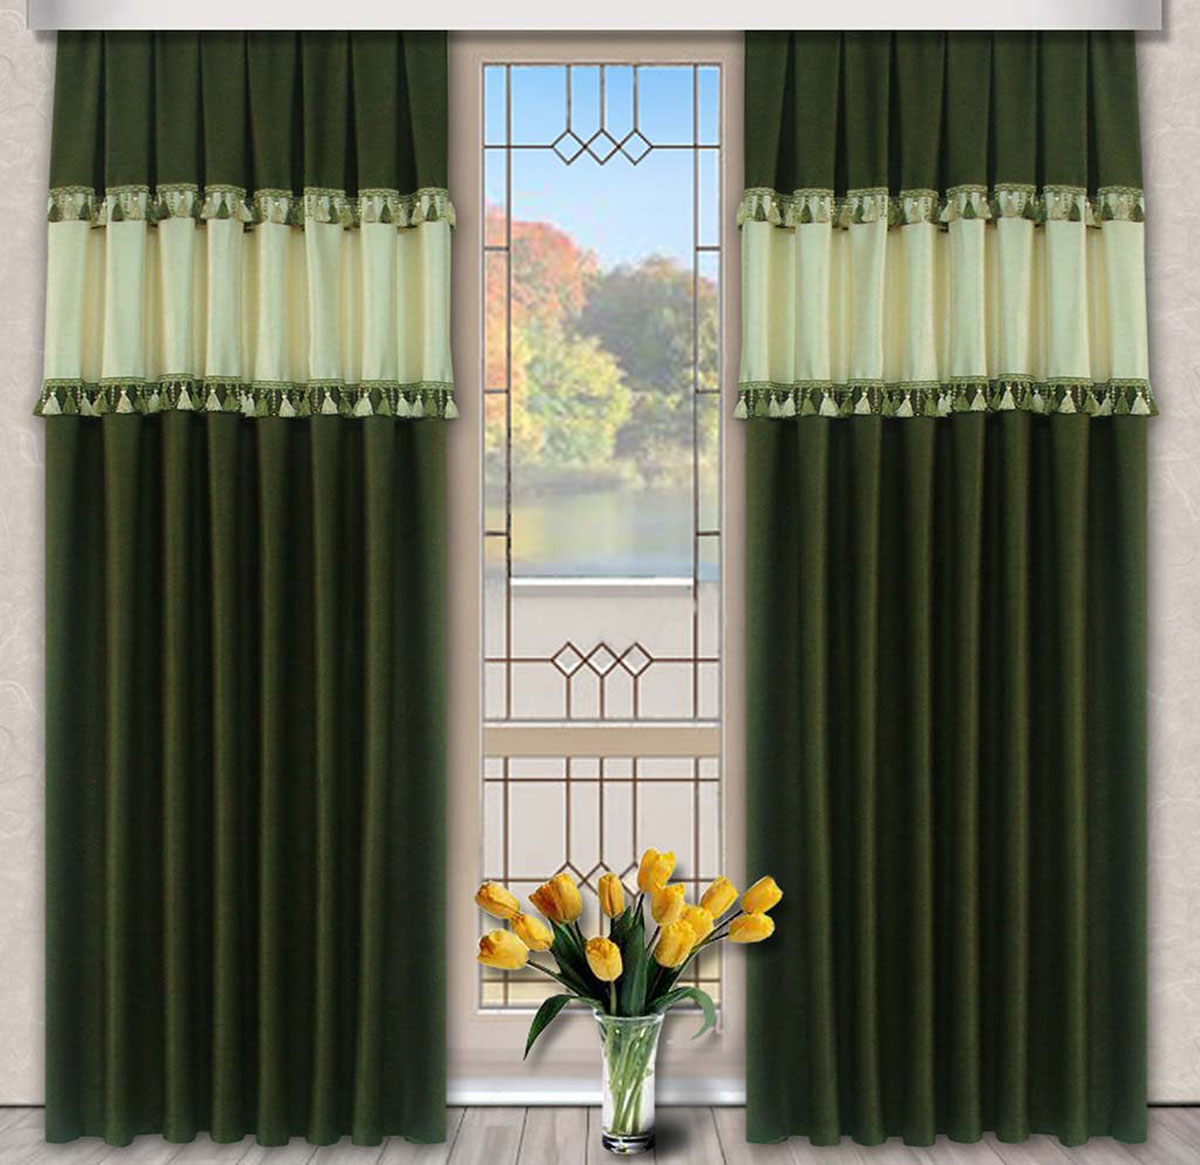 Комплект штор Винтаж, на ленте, цвет: зеленый, бежевый, высота 270 смSVC-300Портьеры из плотной ткани украшенные бахромой. Стирка не более 30 градусов